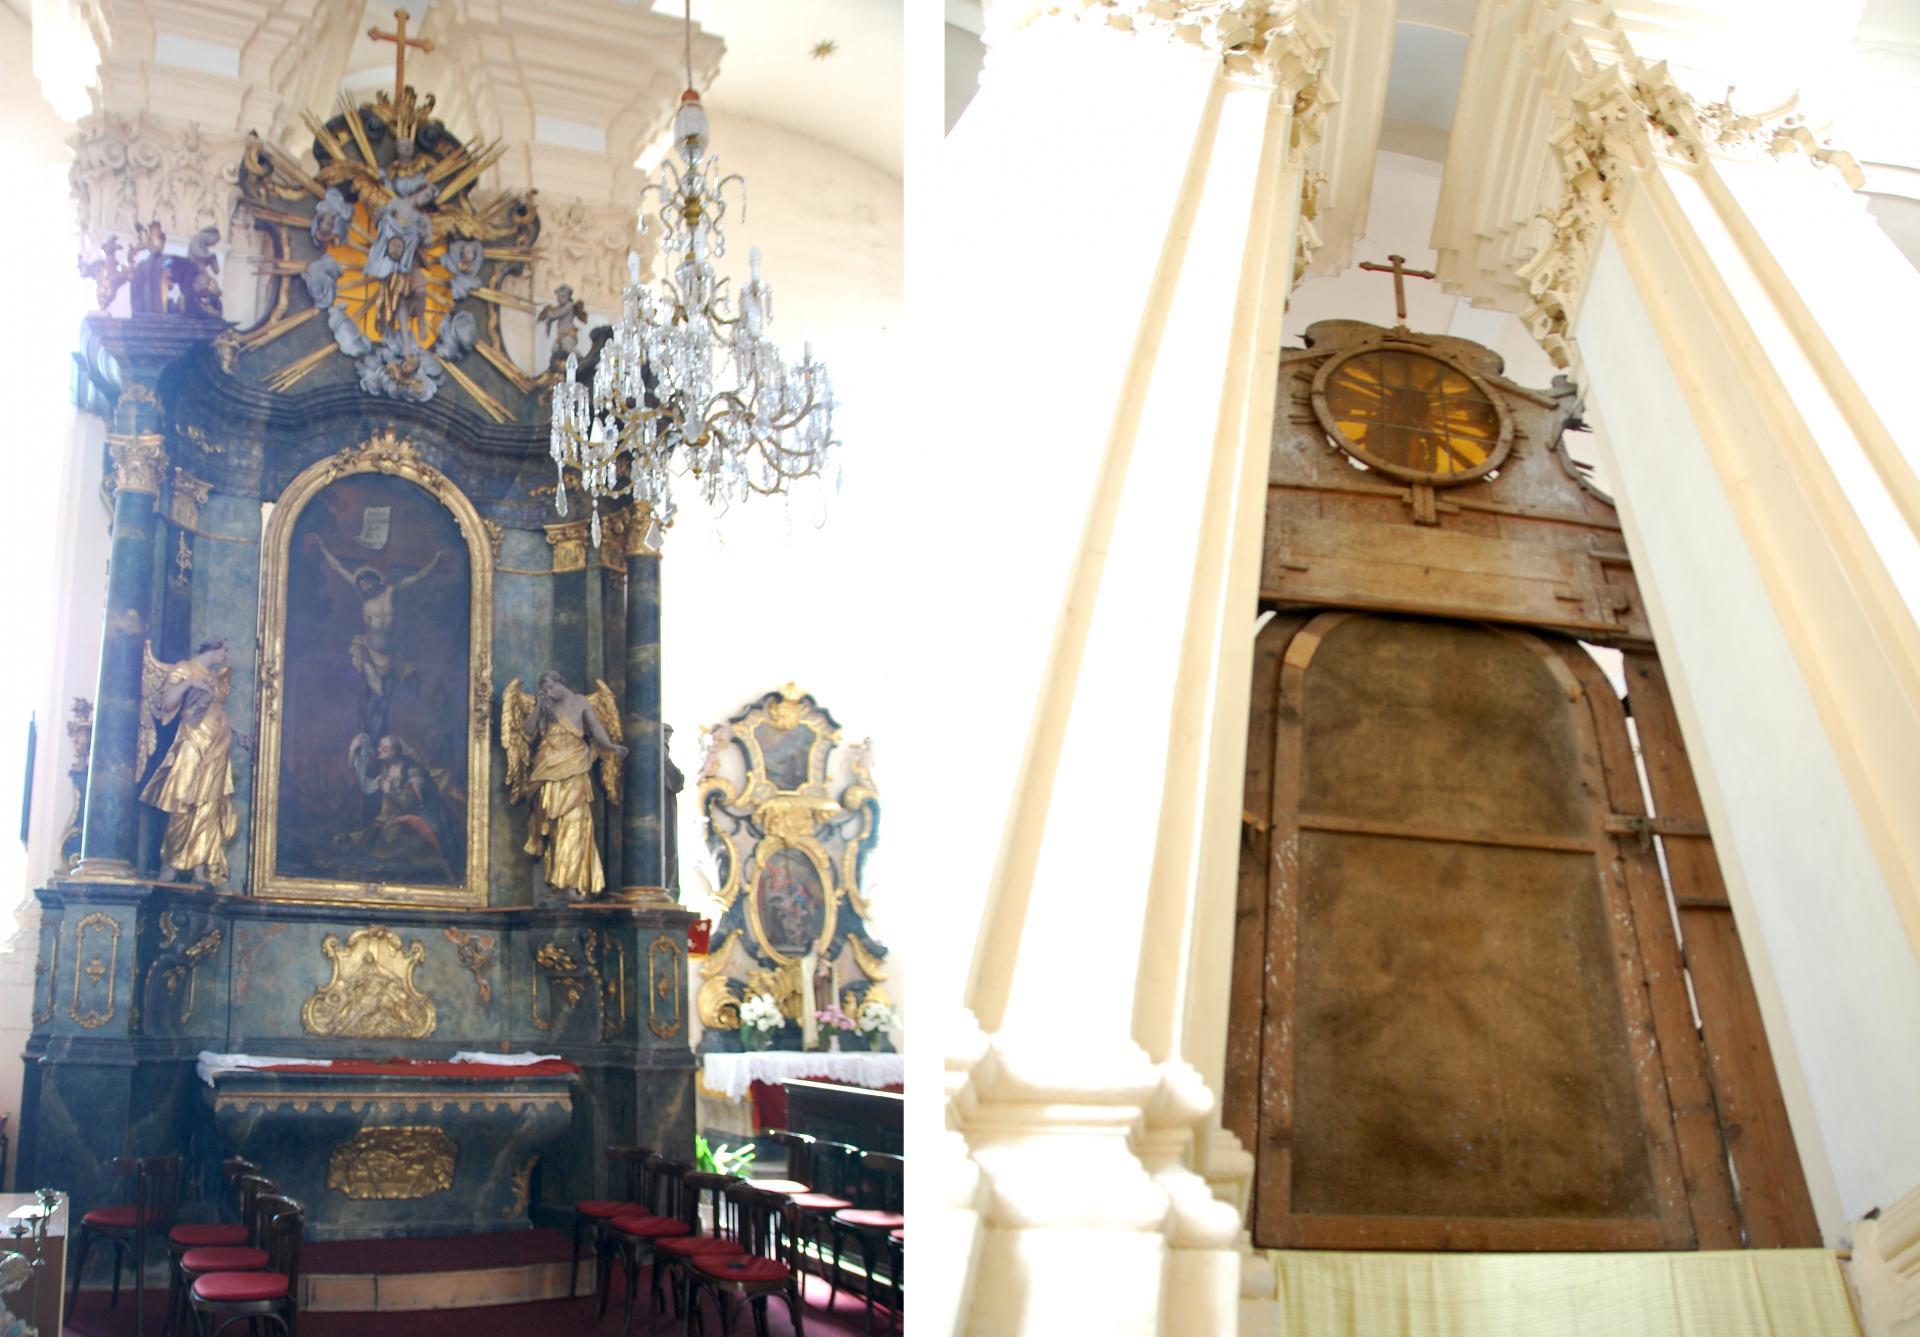 Oltár ukrižovania - pred reštaurovaním